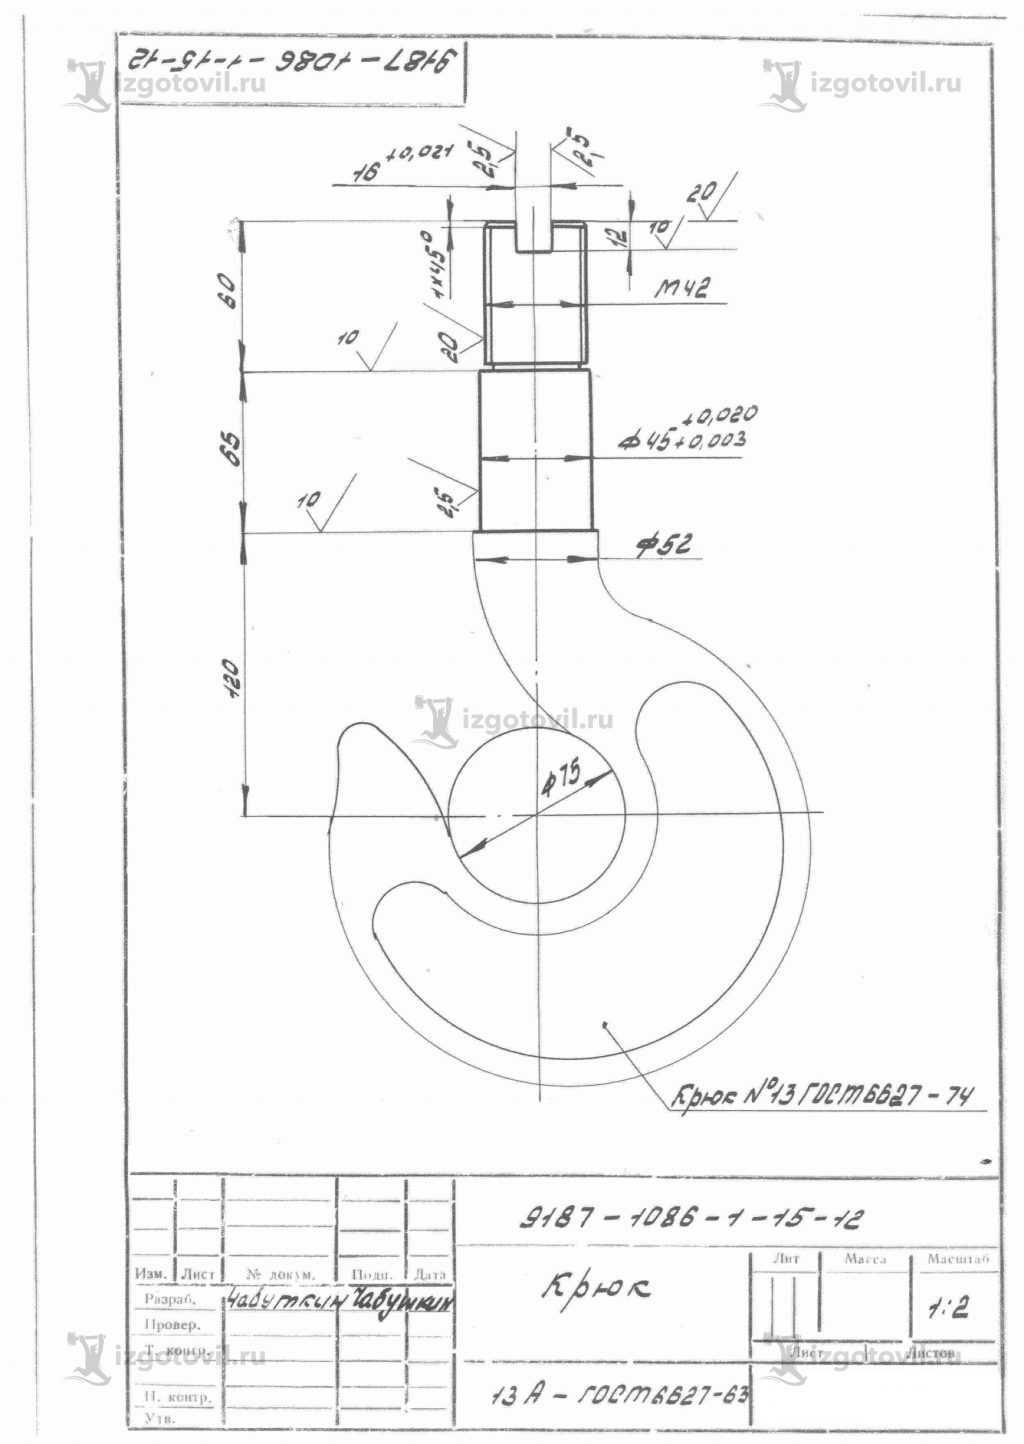 Изготовление деталей оборудования (крюк)